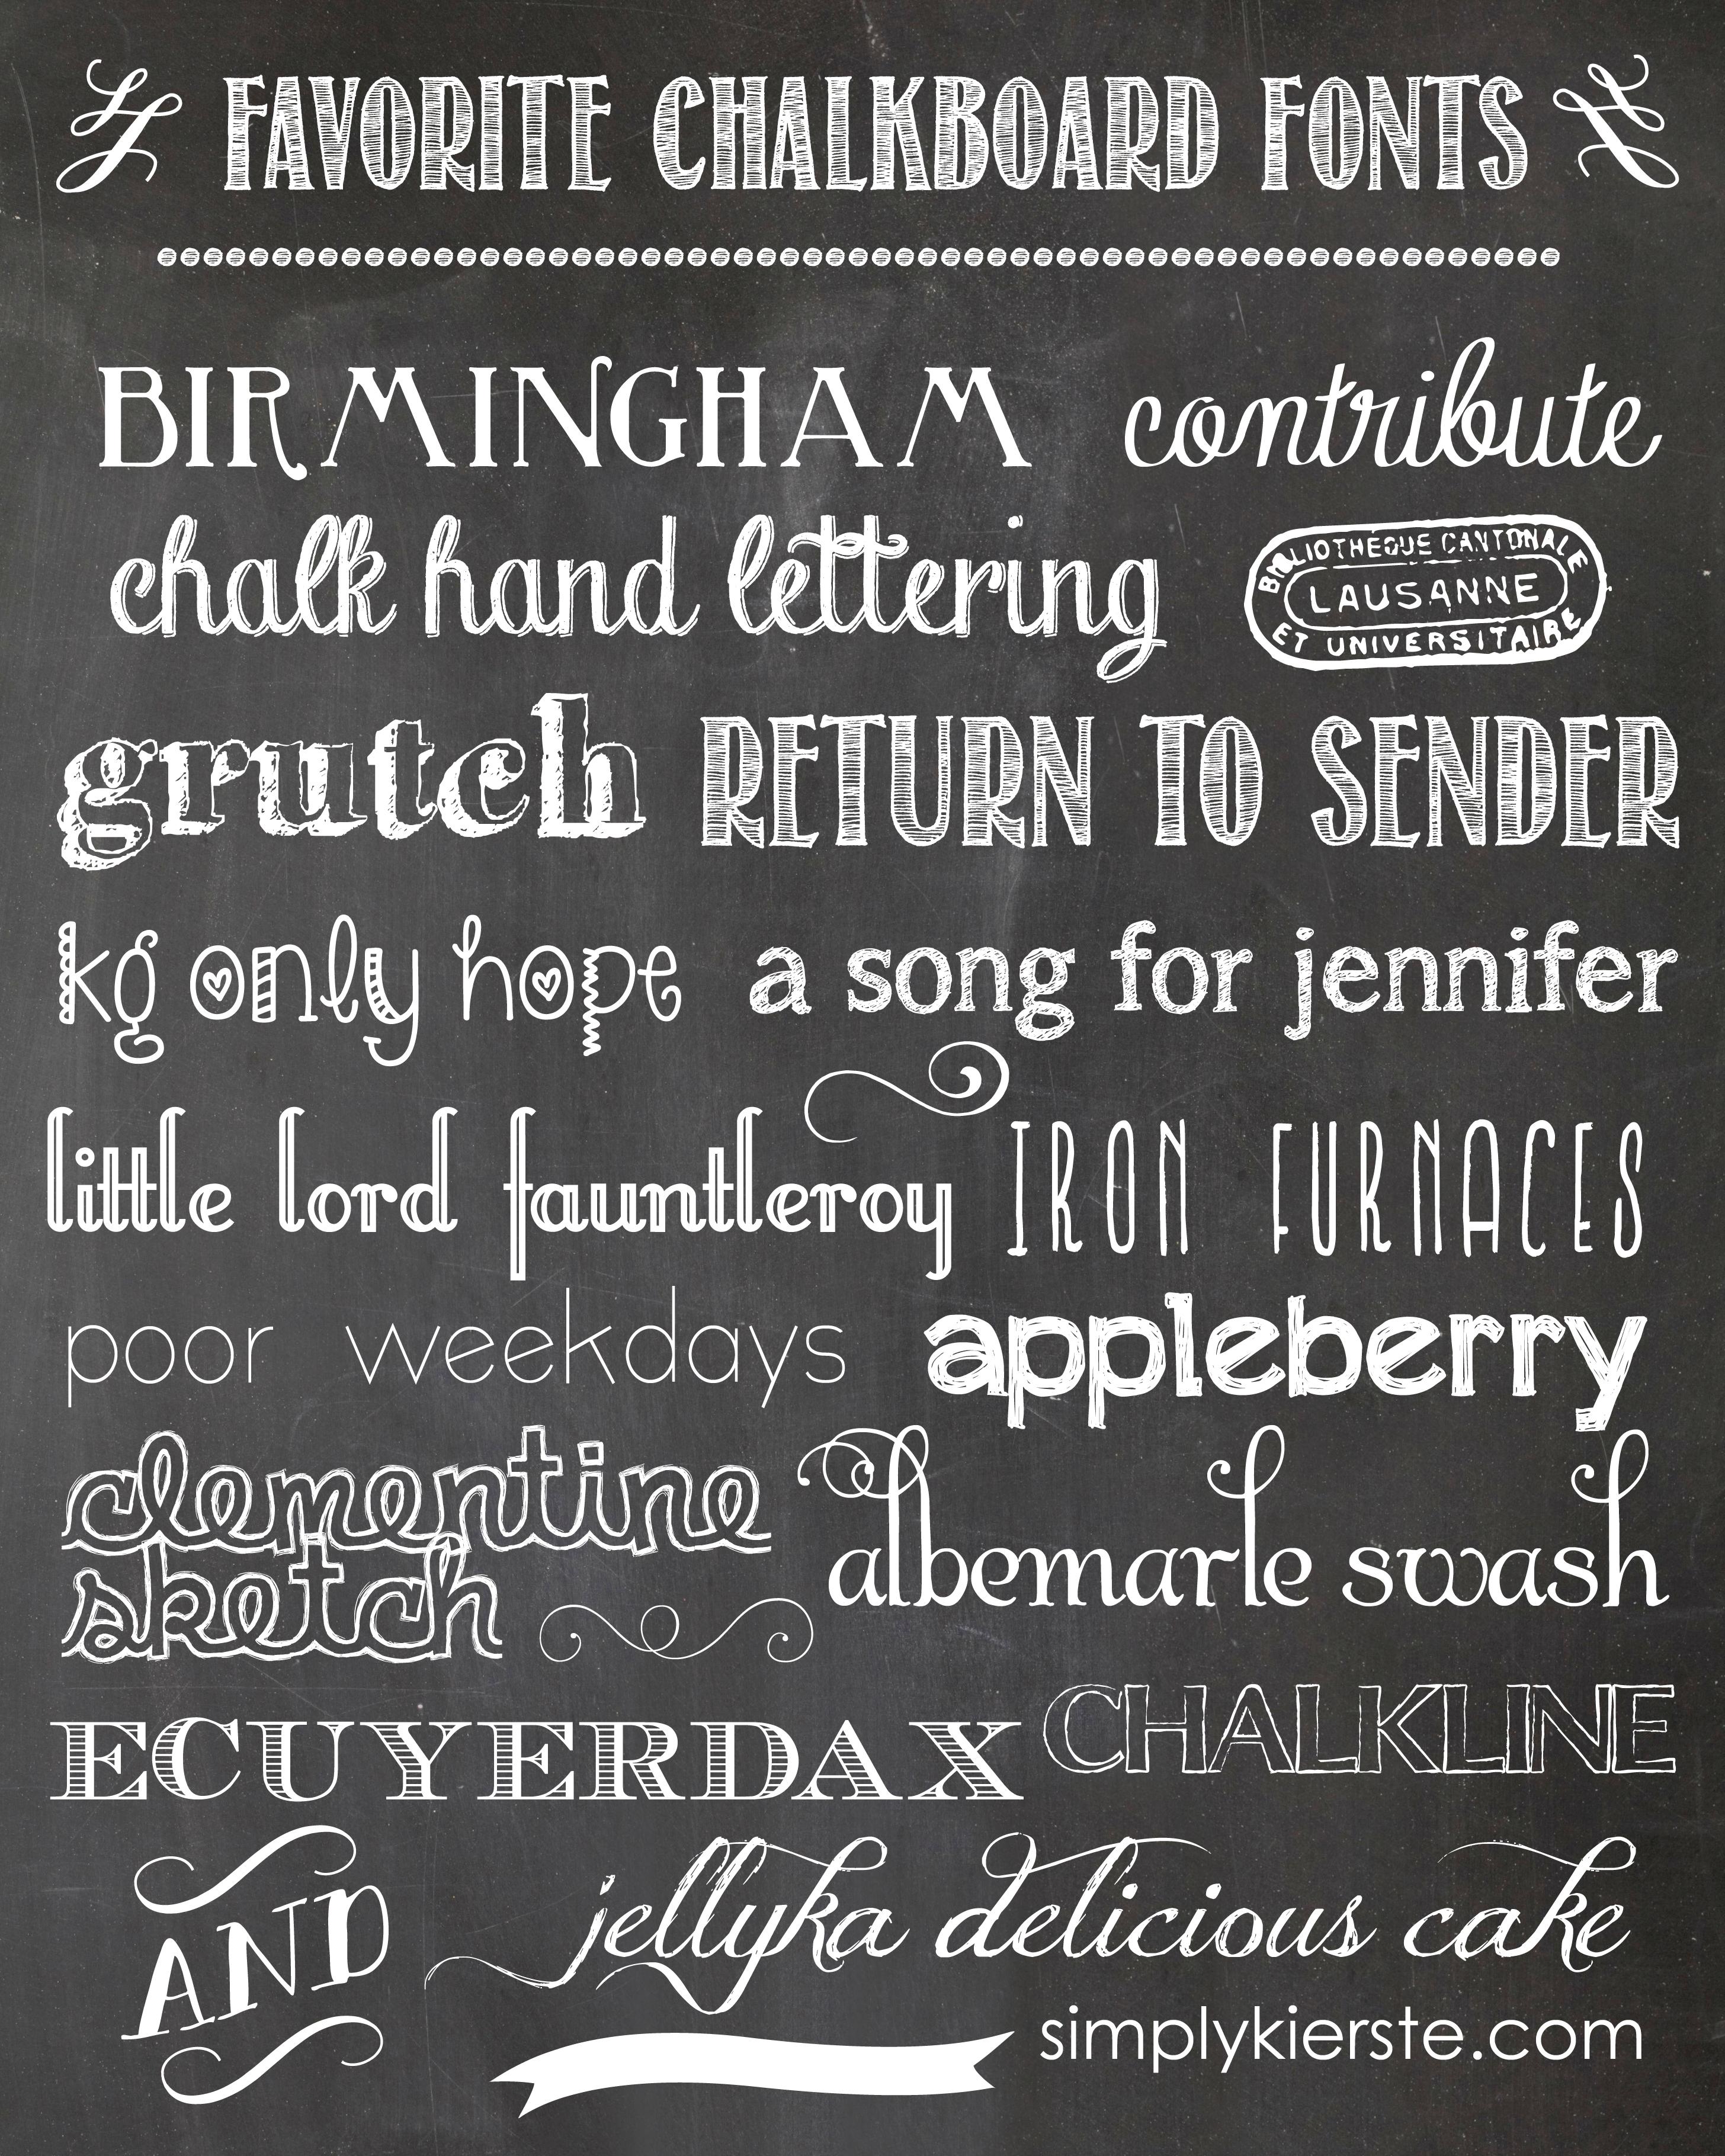 13 Banner Chalkboard Fonts Images